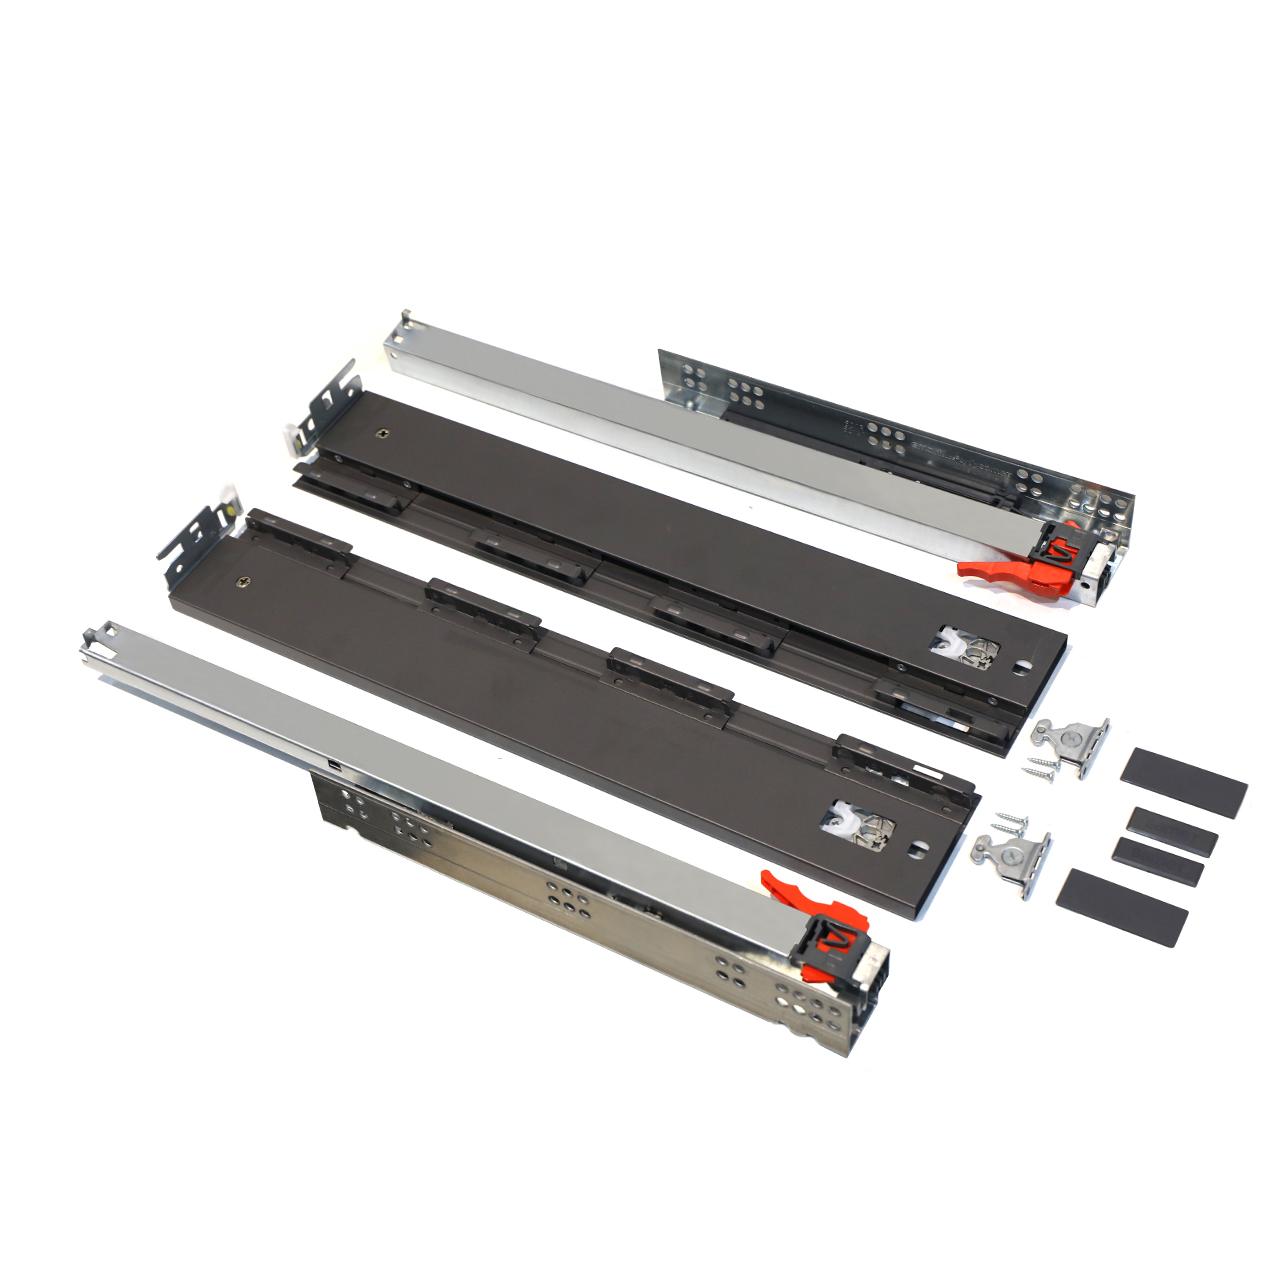 ریل کشو آرام بند صامت مدل Alphabox AT45 سایز 45 سانتیمتری بسته 2 عددی